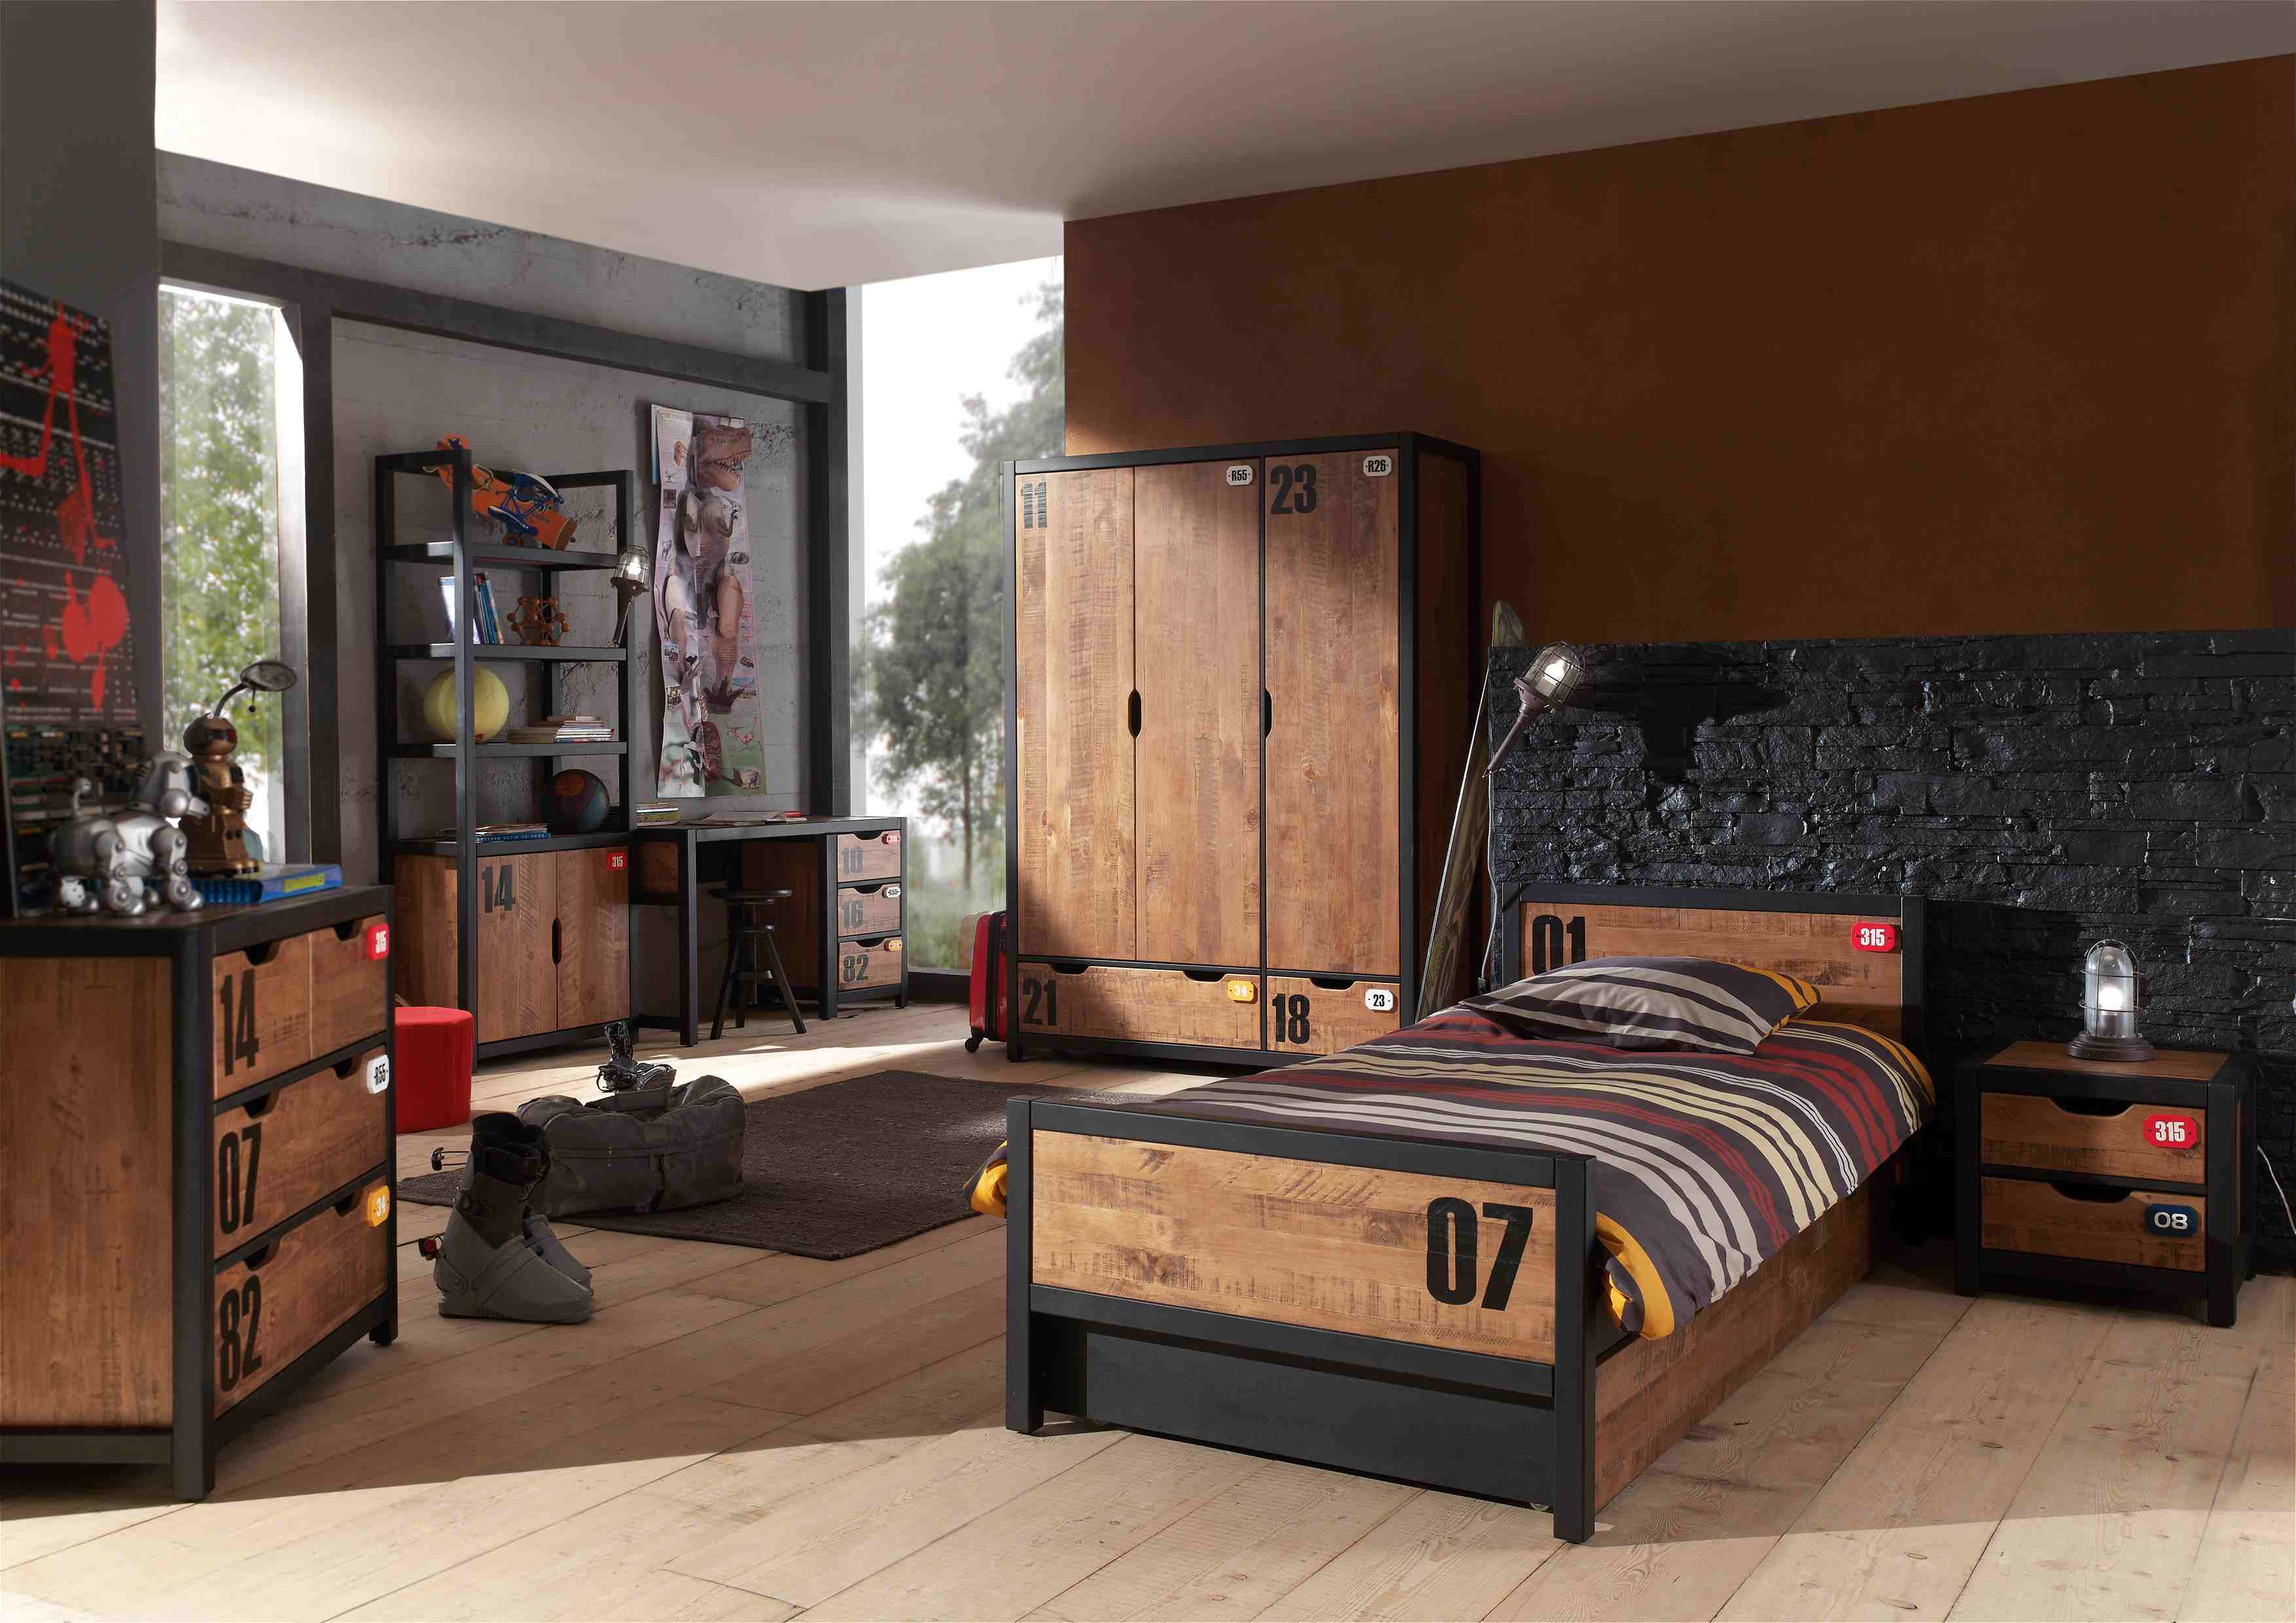 Chambre enfant avec armoire 3 portes Bois massif Marron Industriel